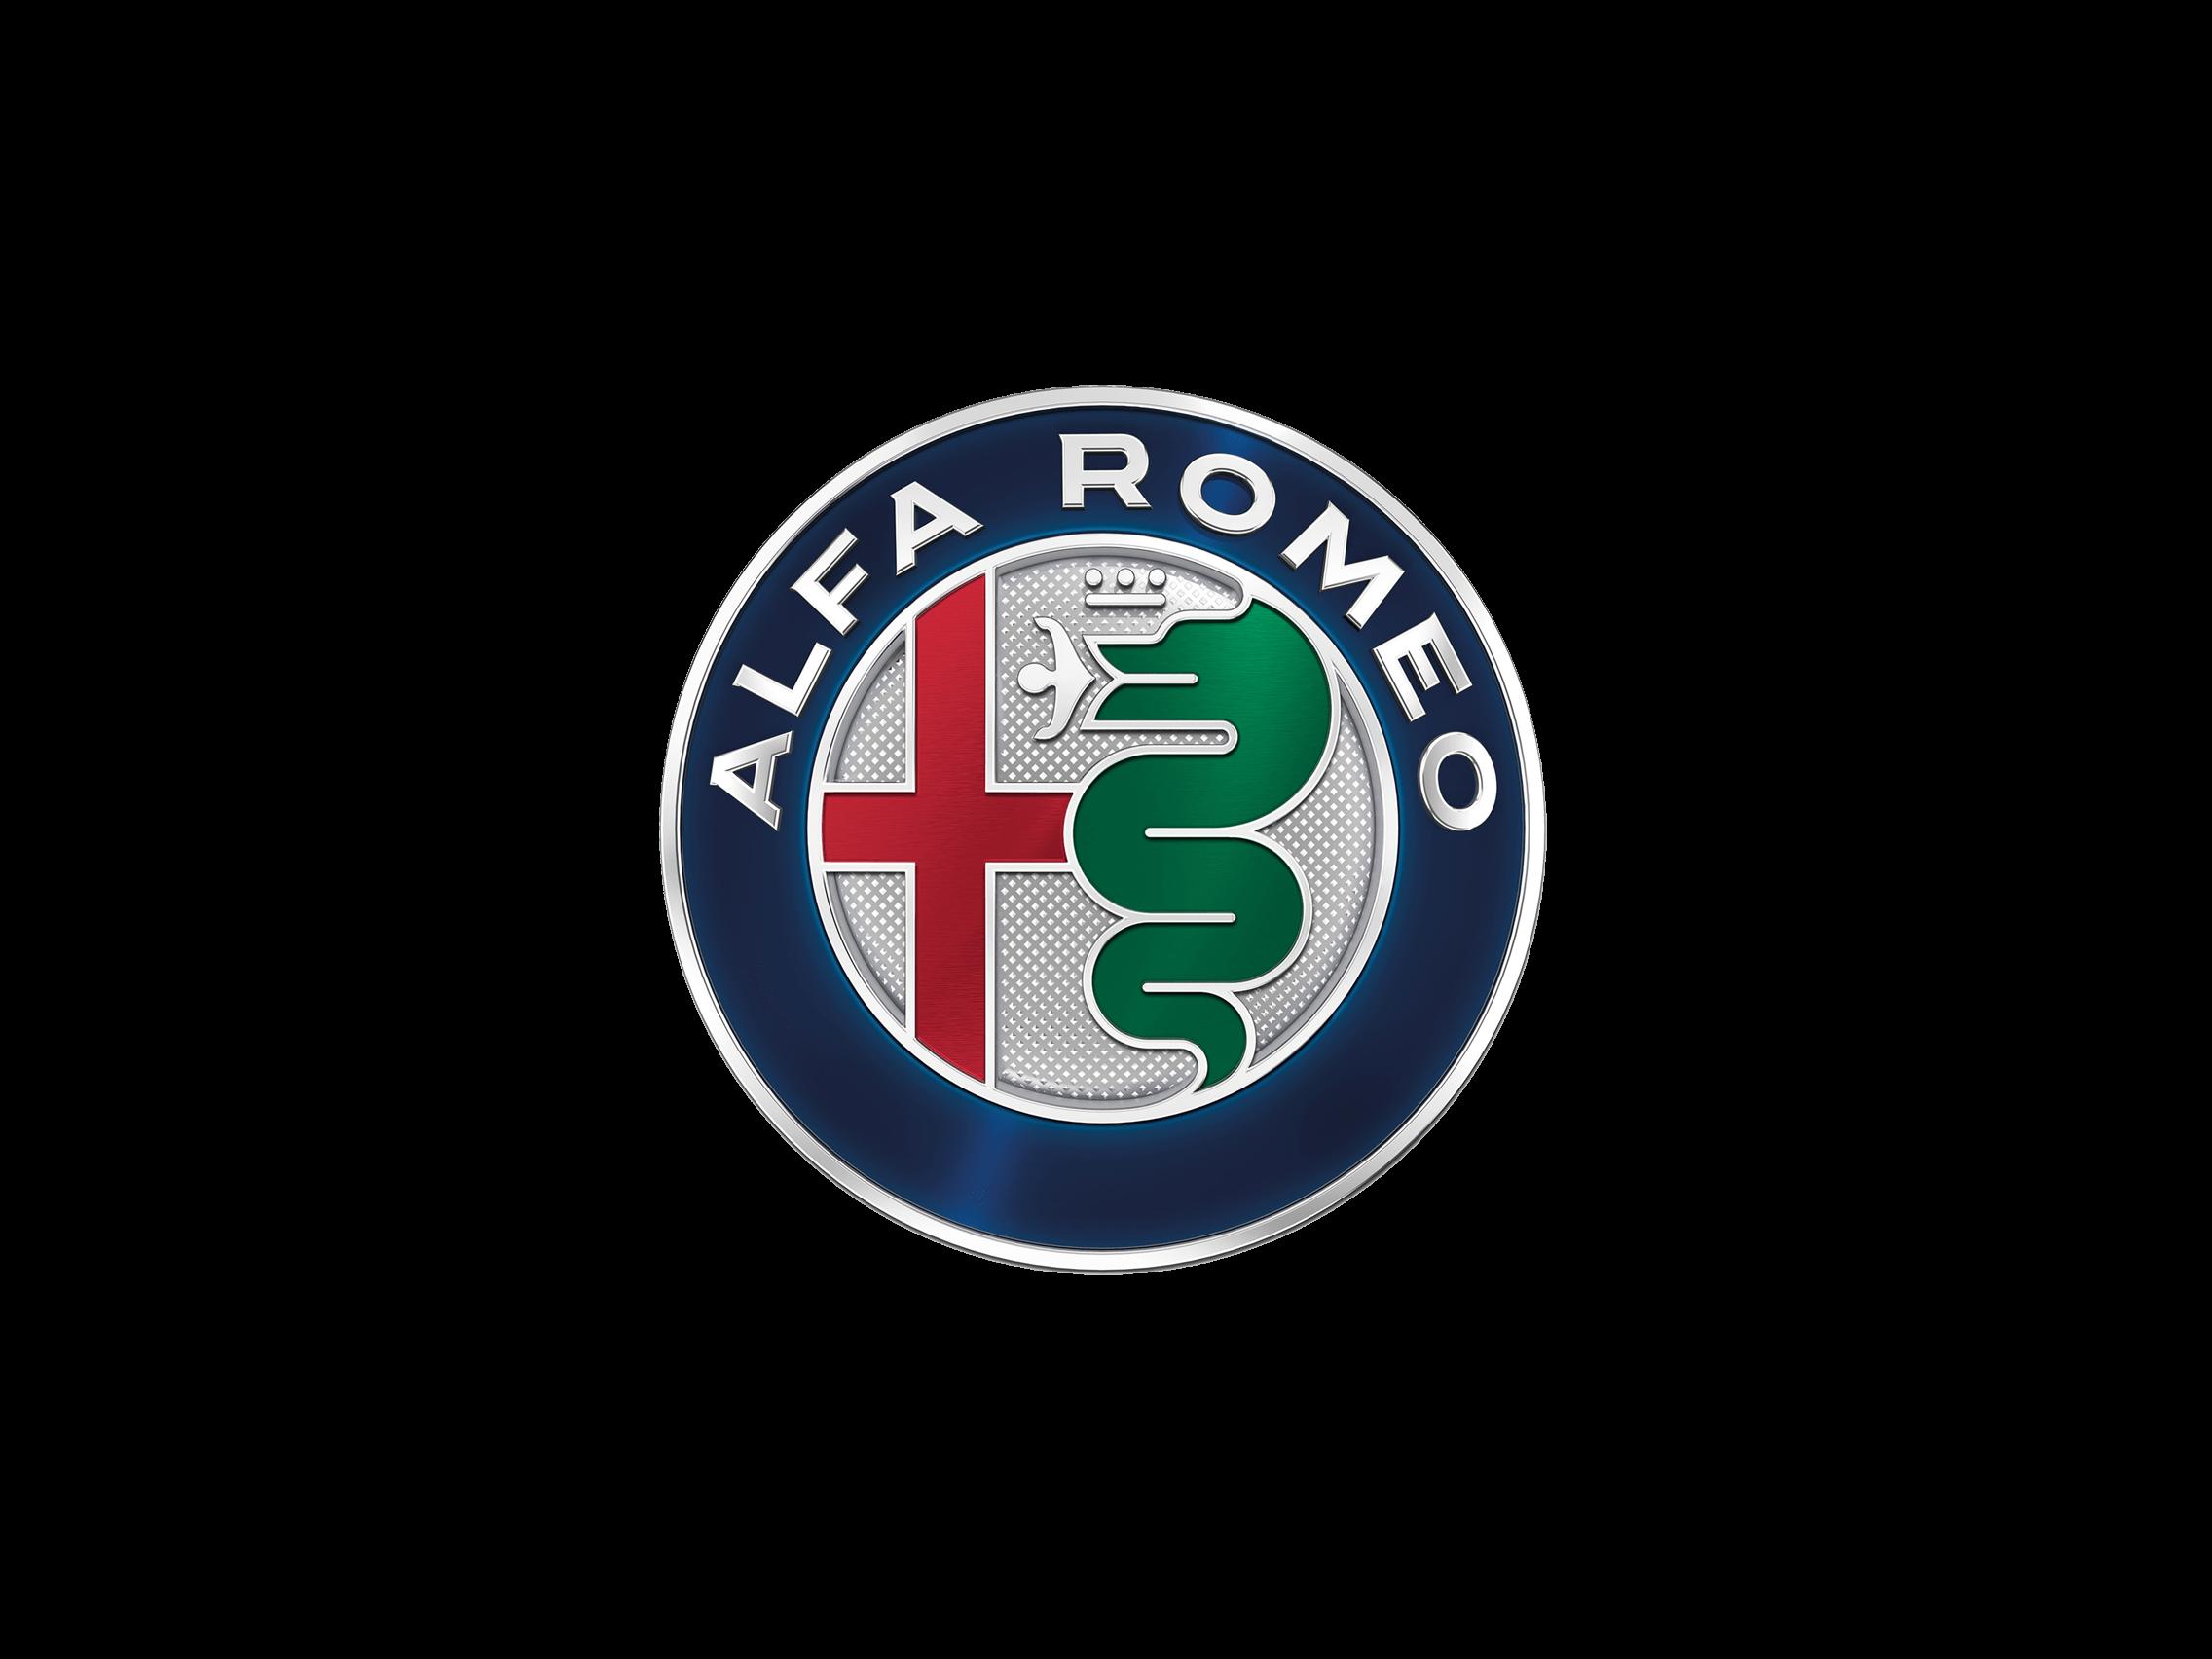 alfa romeo metal logo transparent png - stickpng